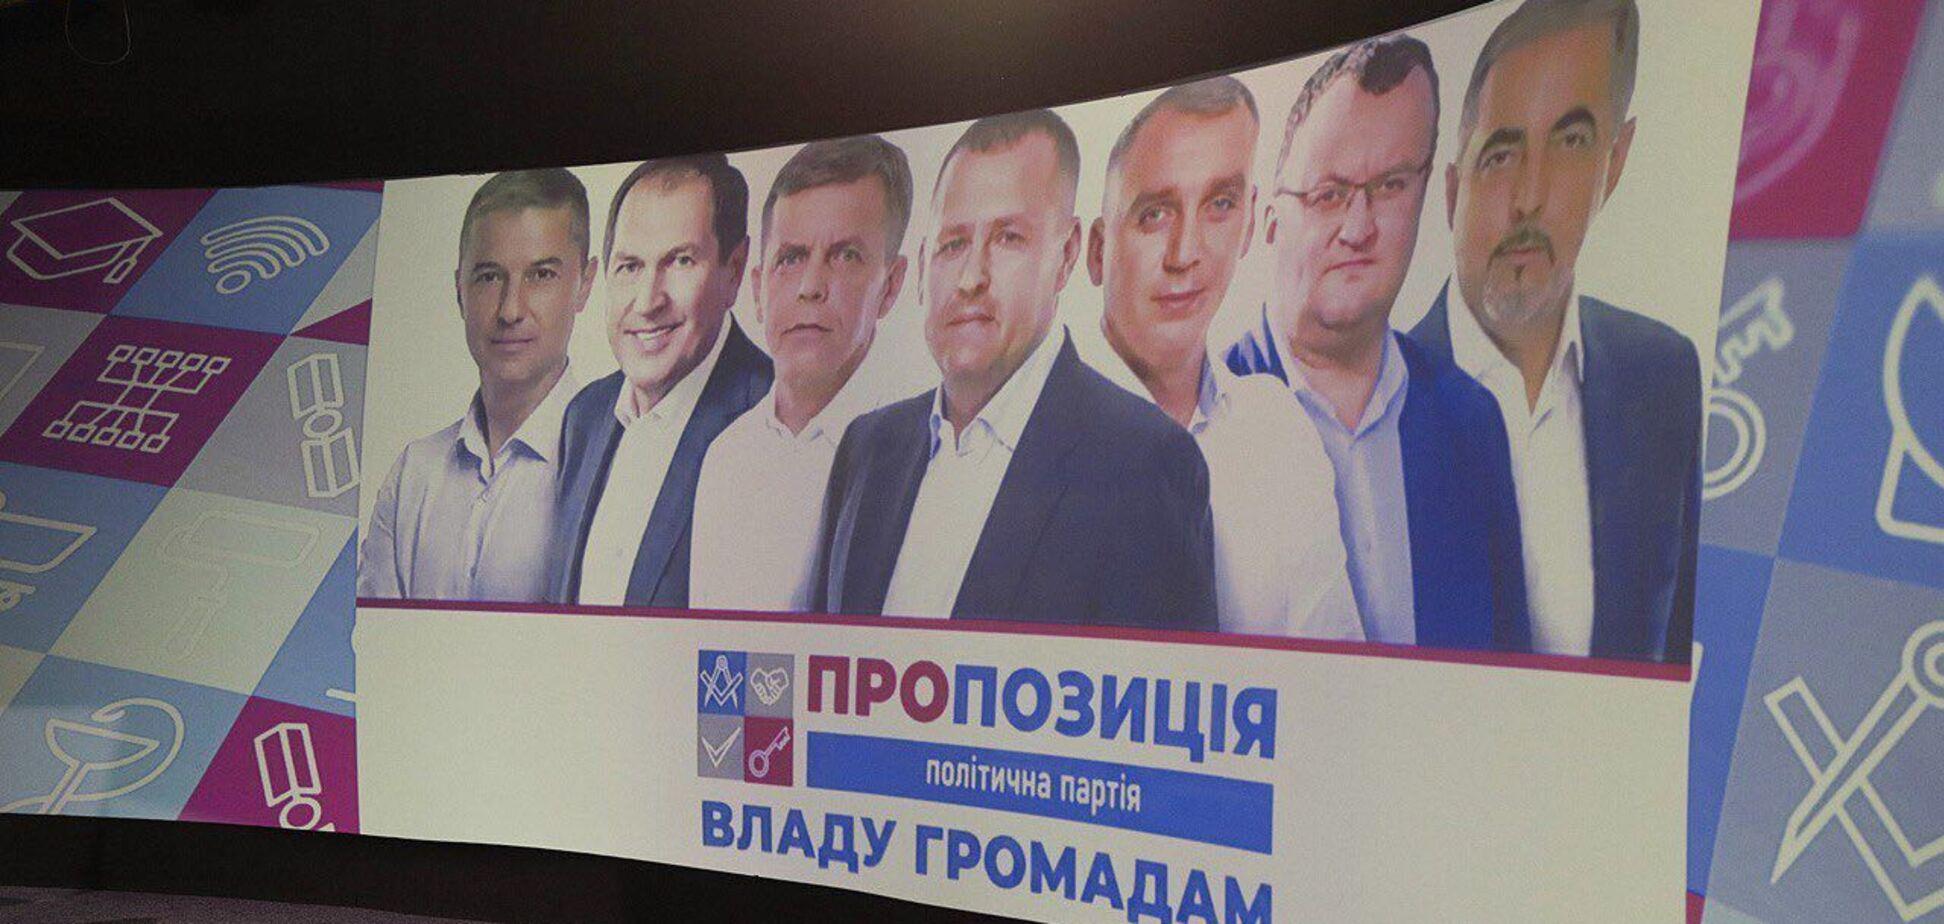 Партія 'Пропозиція' отримала найбільшу кількість крісел мерів в обласних центрах